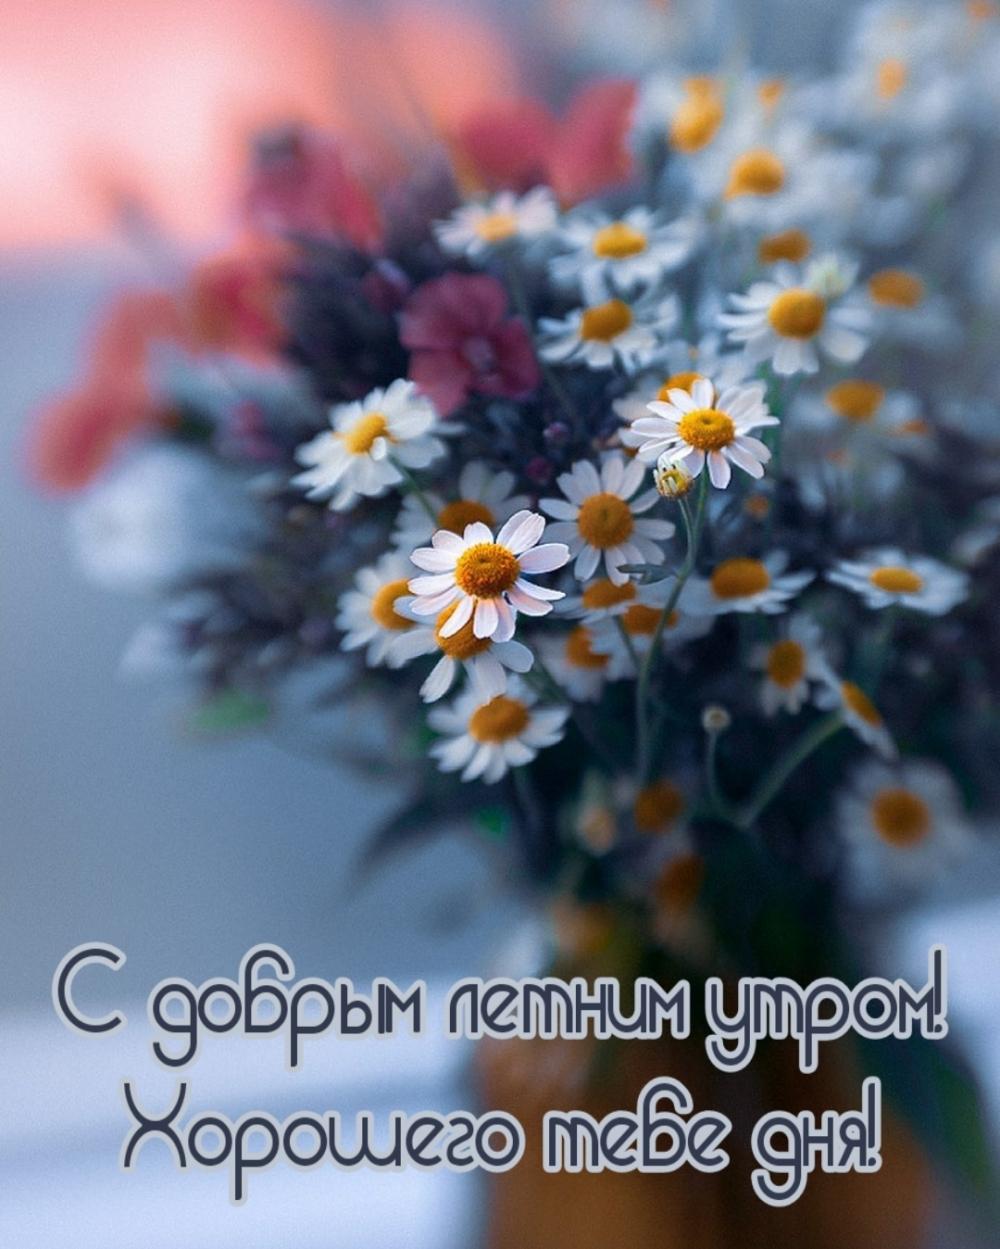 С добрым летним утром! Хорошего тебе дня!